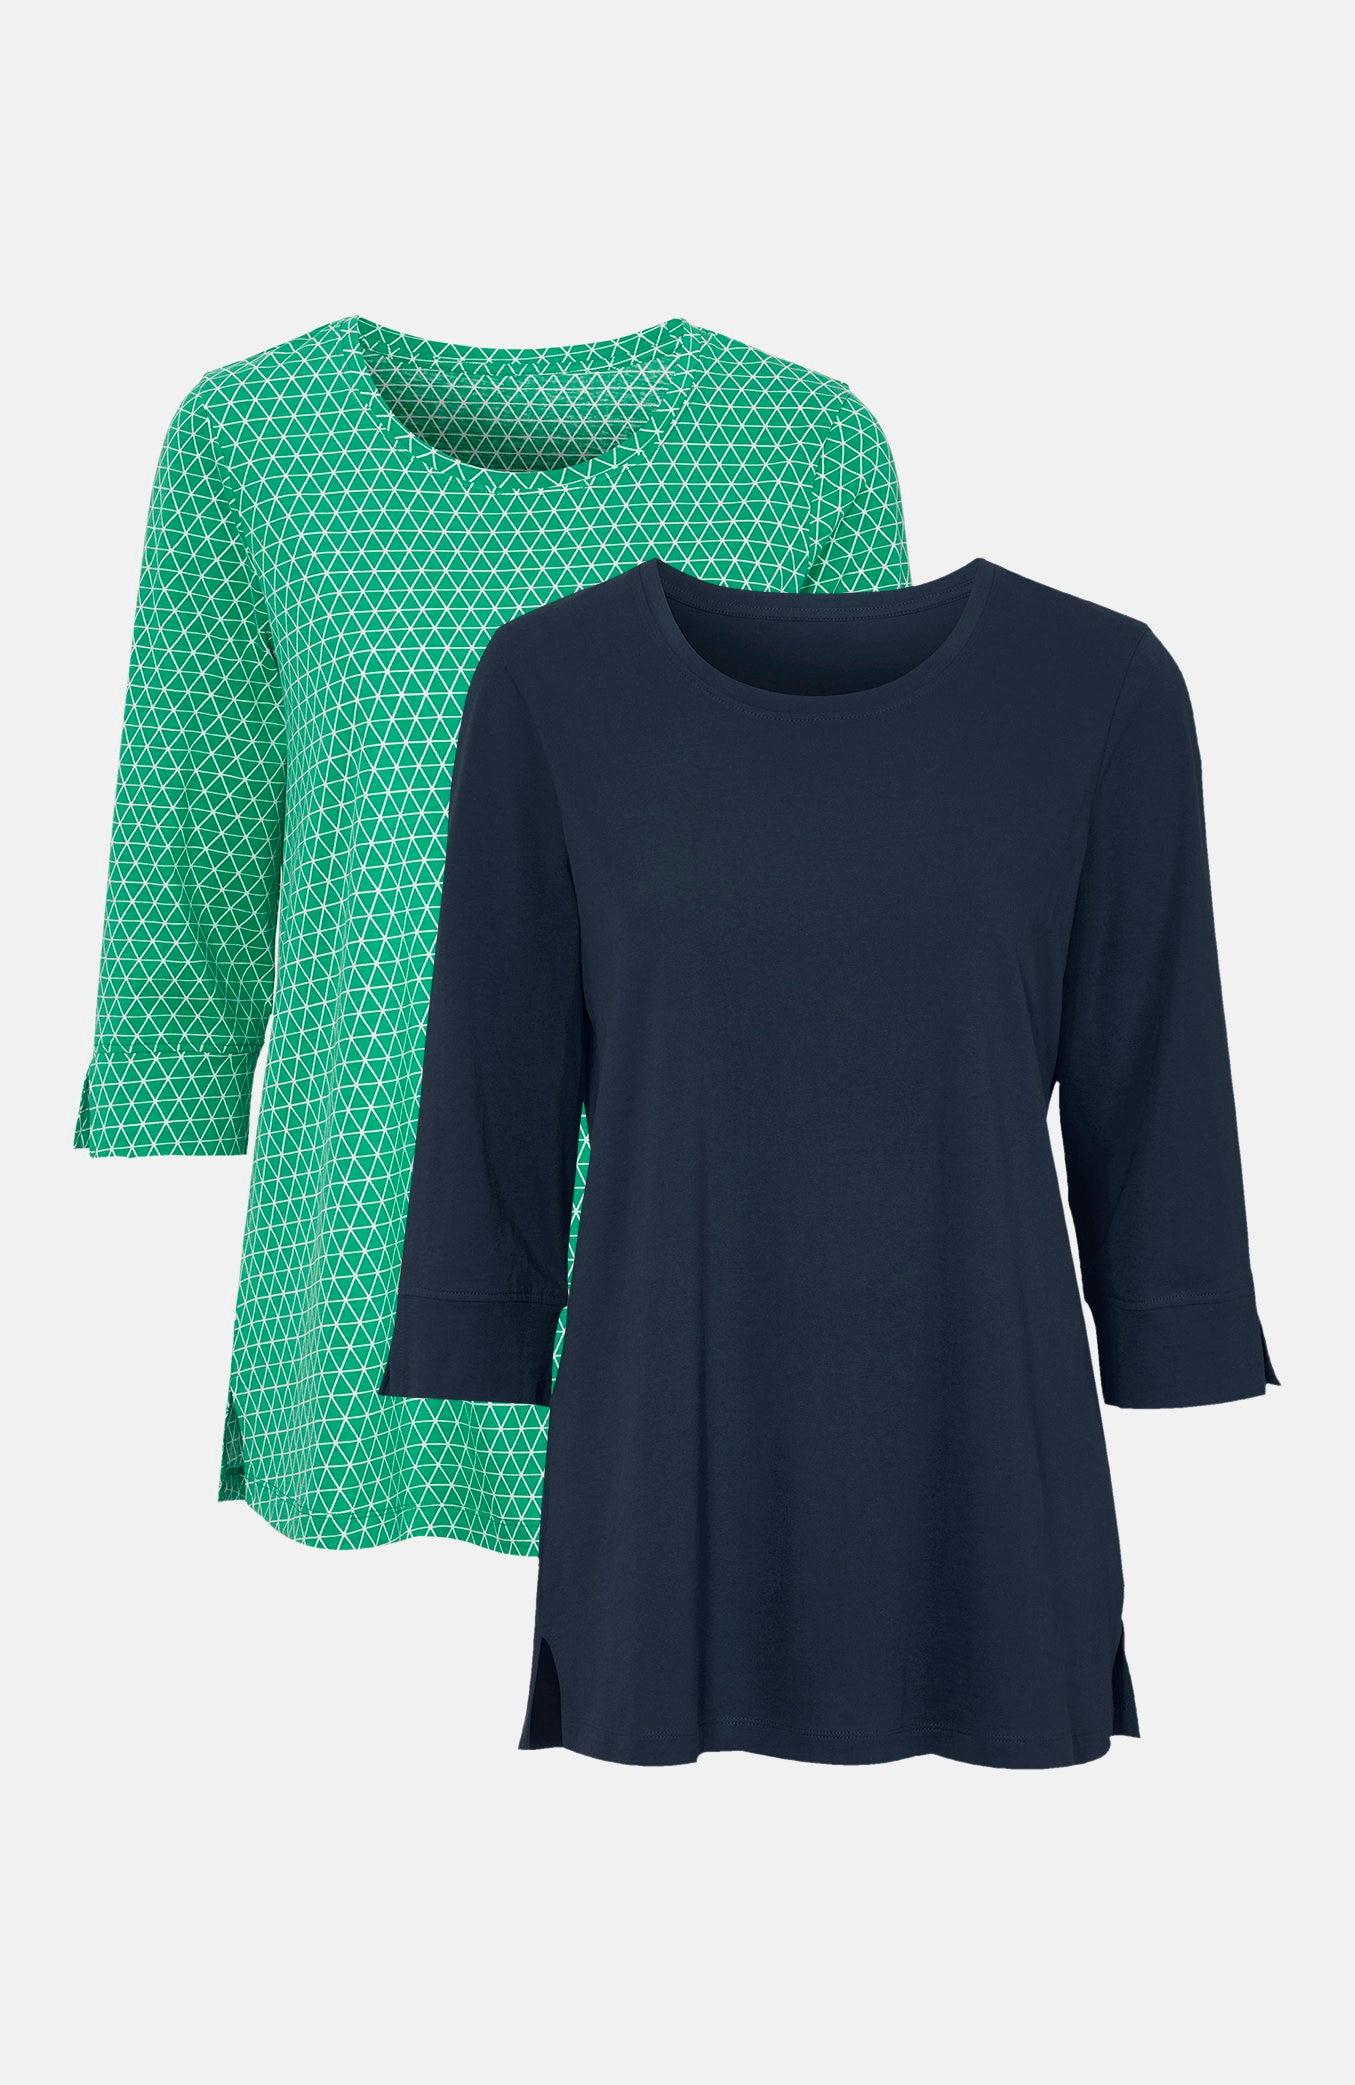 Dżersejowe bluzki zrękawami ¾ 2 sztuki